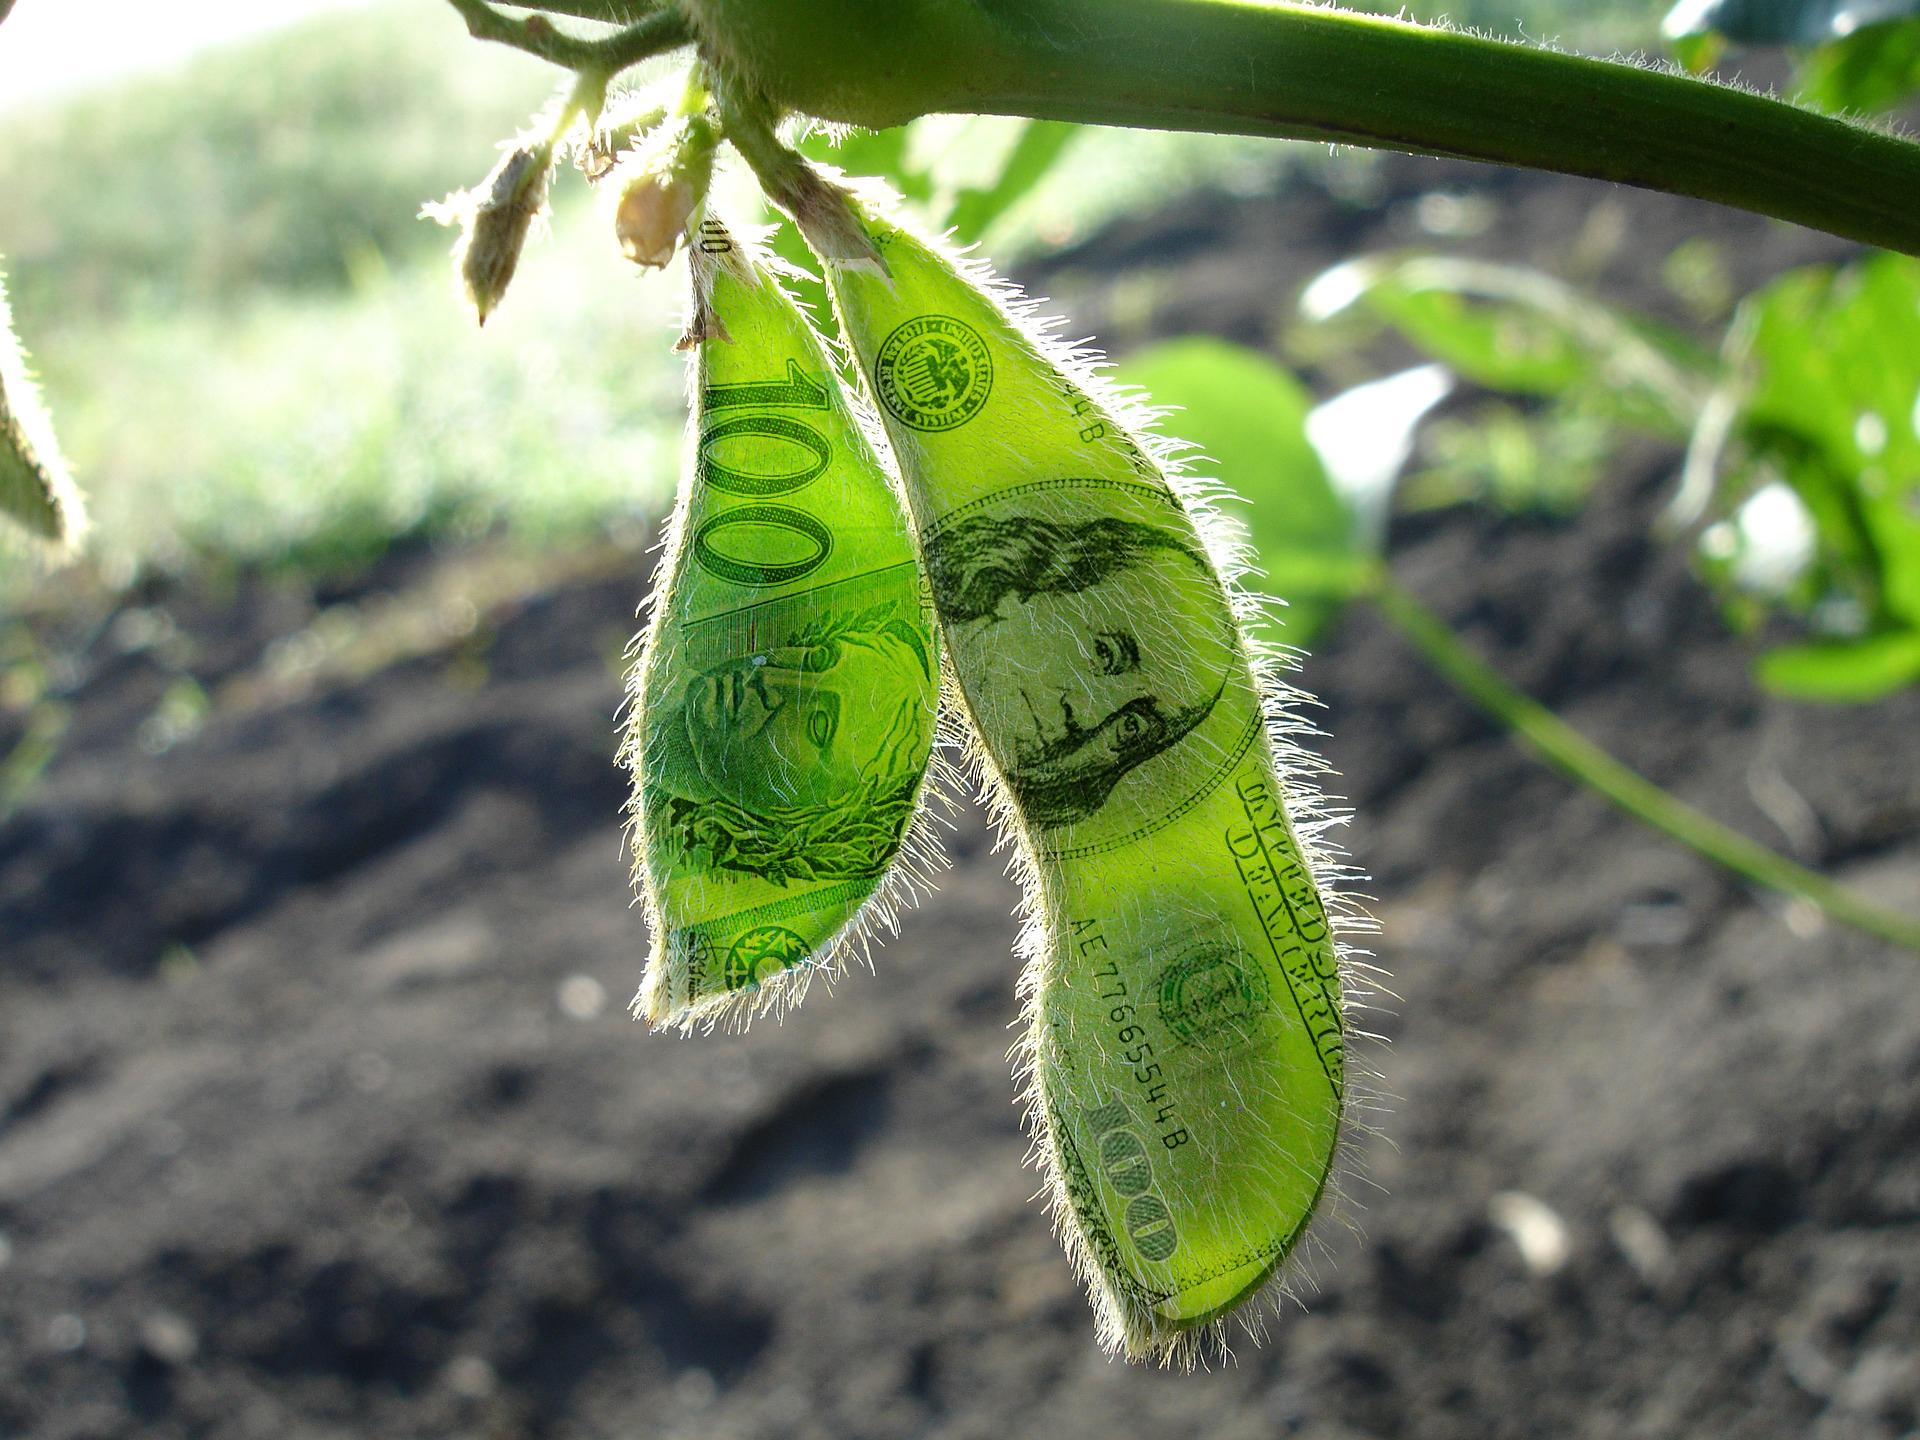 soja estampada com dólar e real